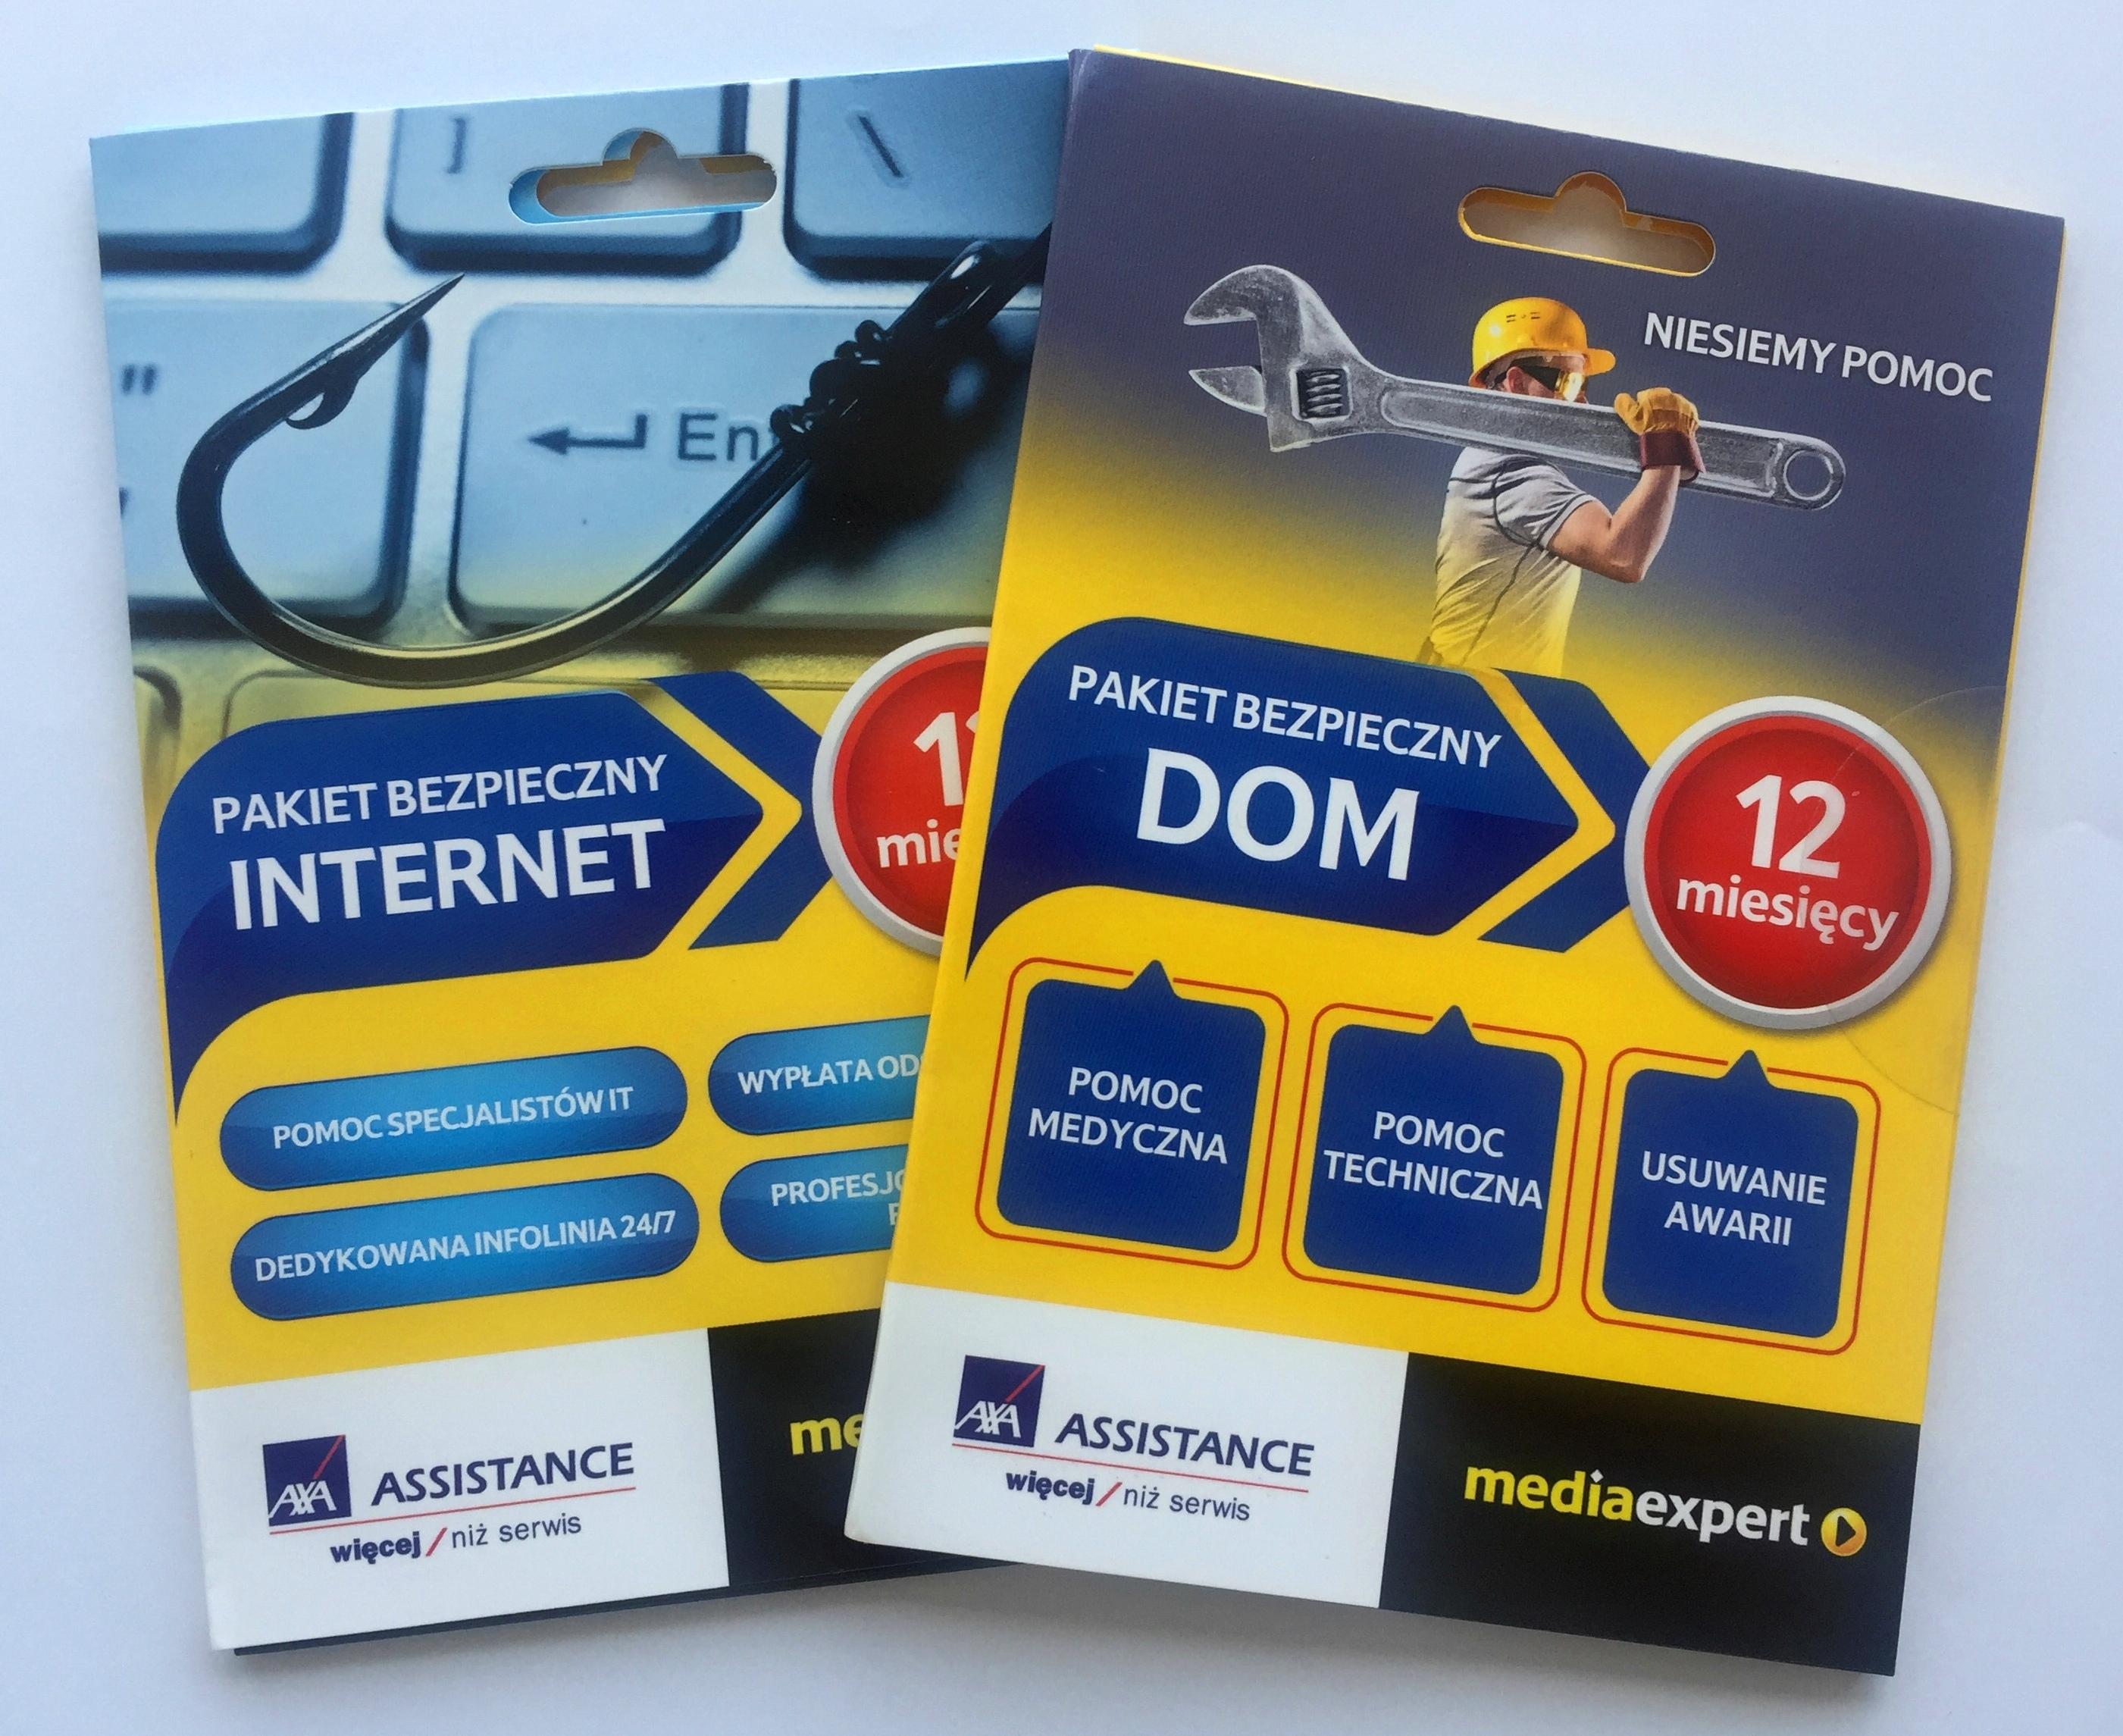 Bezpieczny DOM Bezpieczny INTERNET